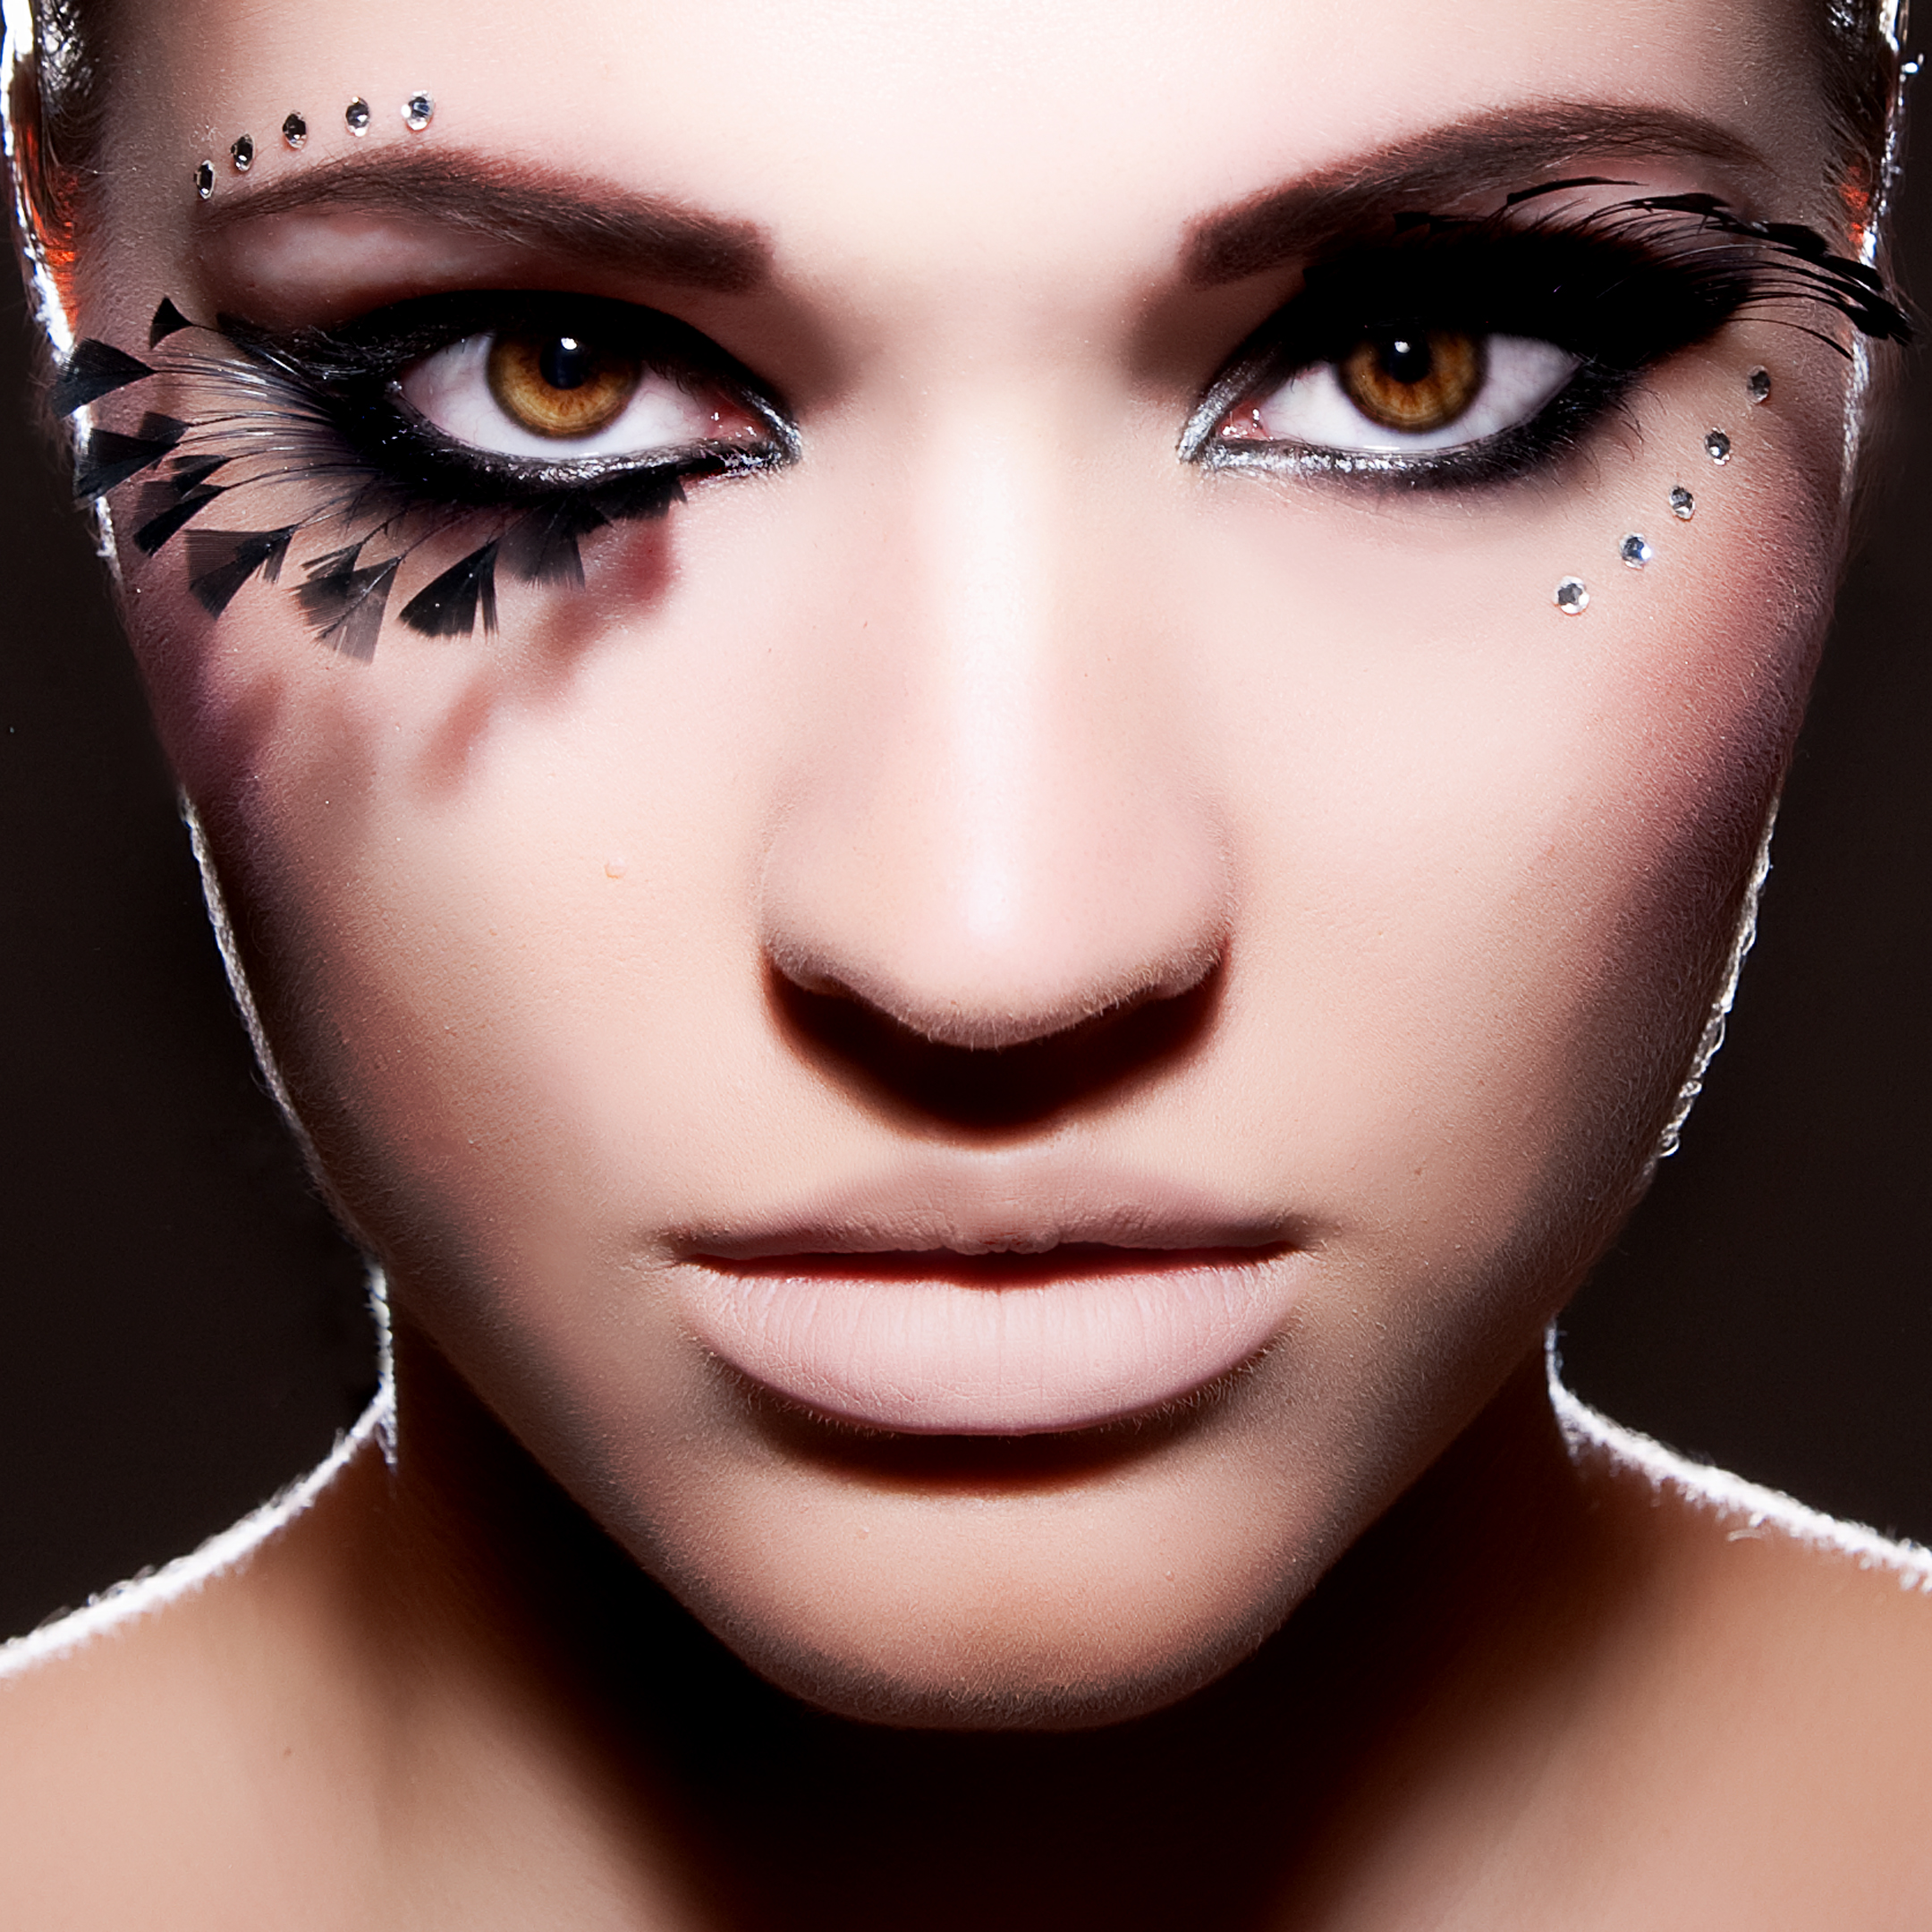 Creative Beauty Shoot